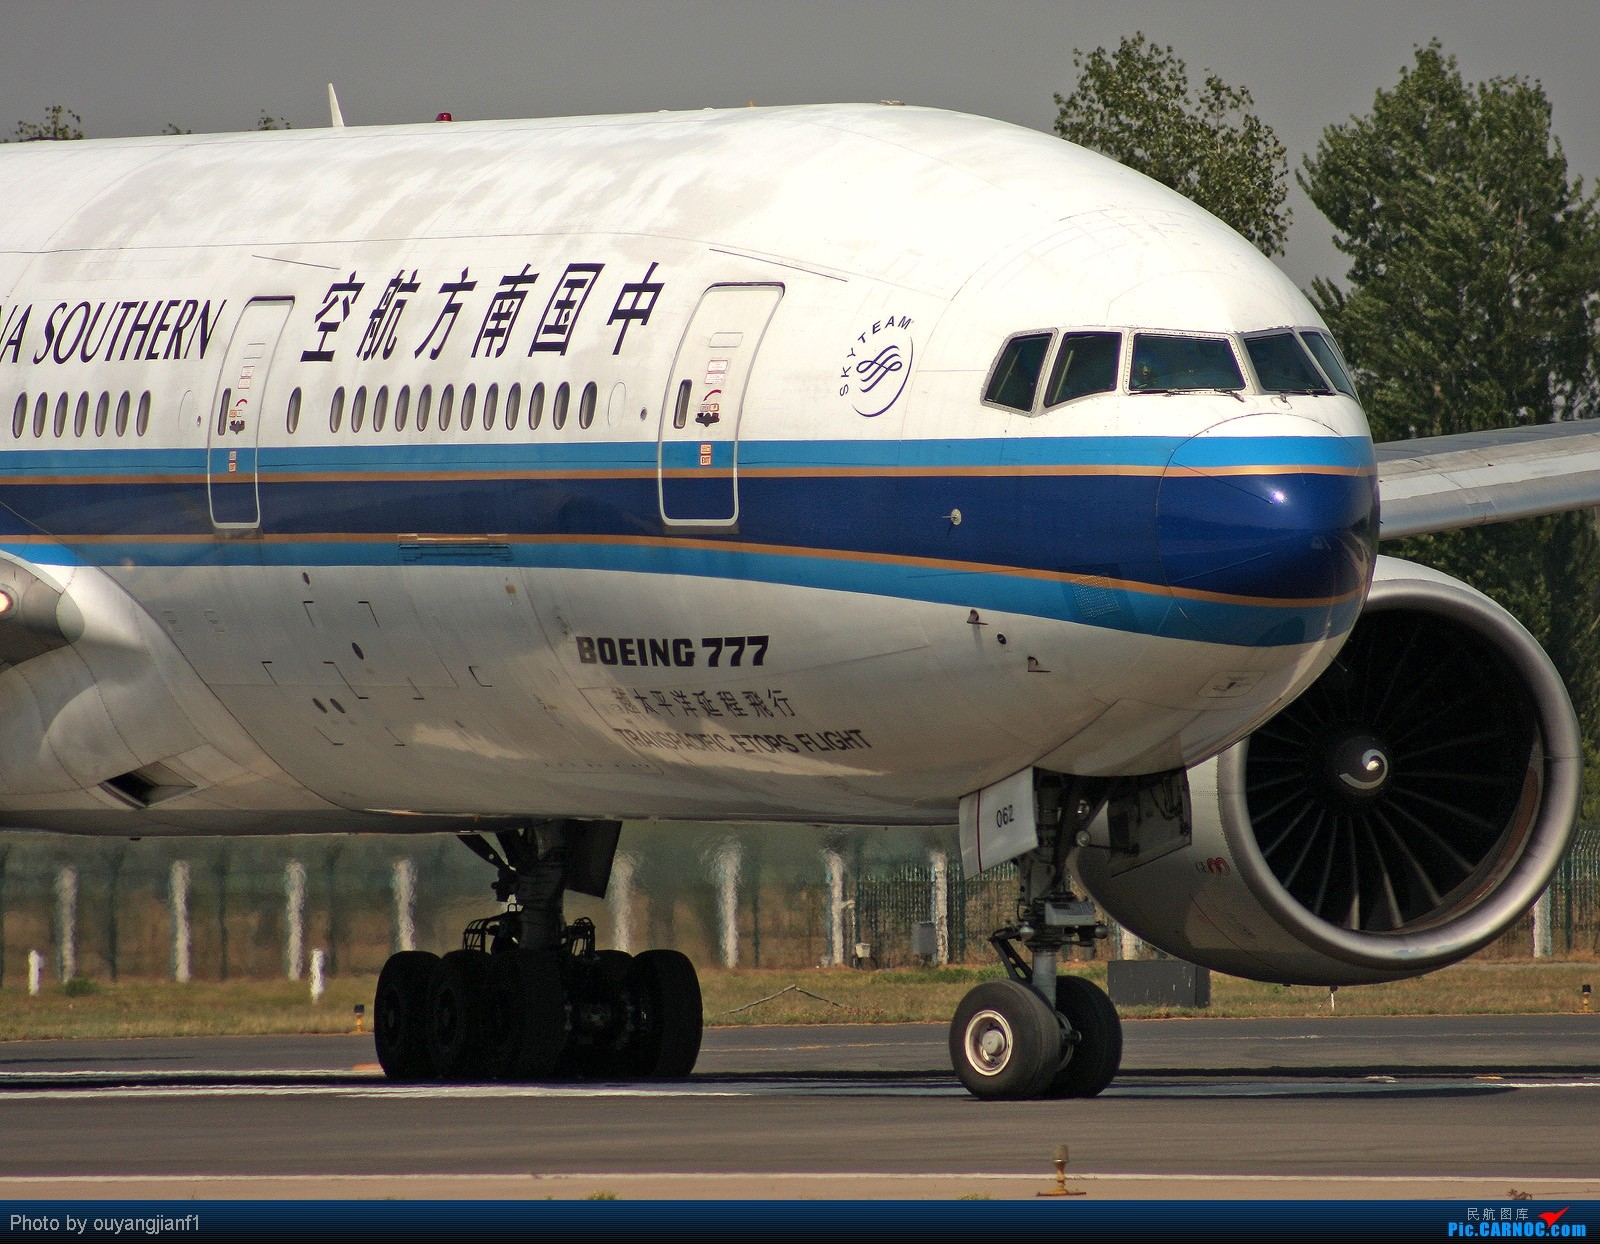 Re:[原创]快有一年没去西跑道了,拍机的感觉已逐渐淡忘,但是只要心中有梦,手中有单反,一切皆有可能! BOEING 777-200ER B-2062 北京